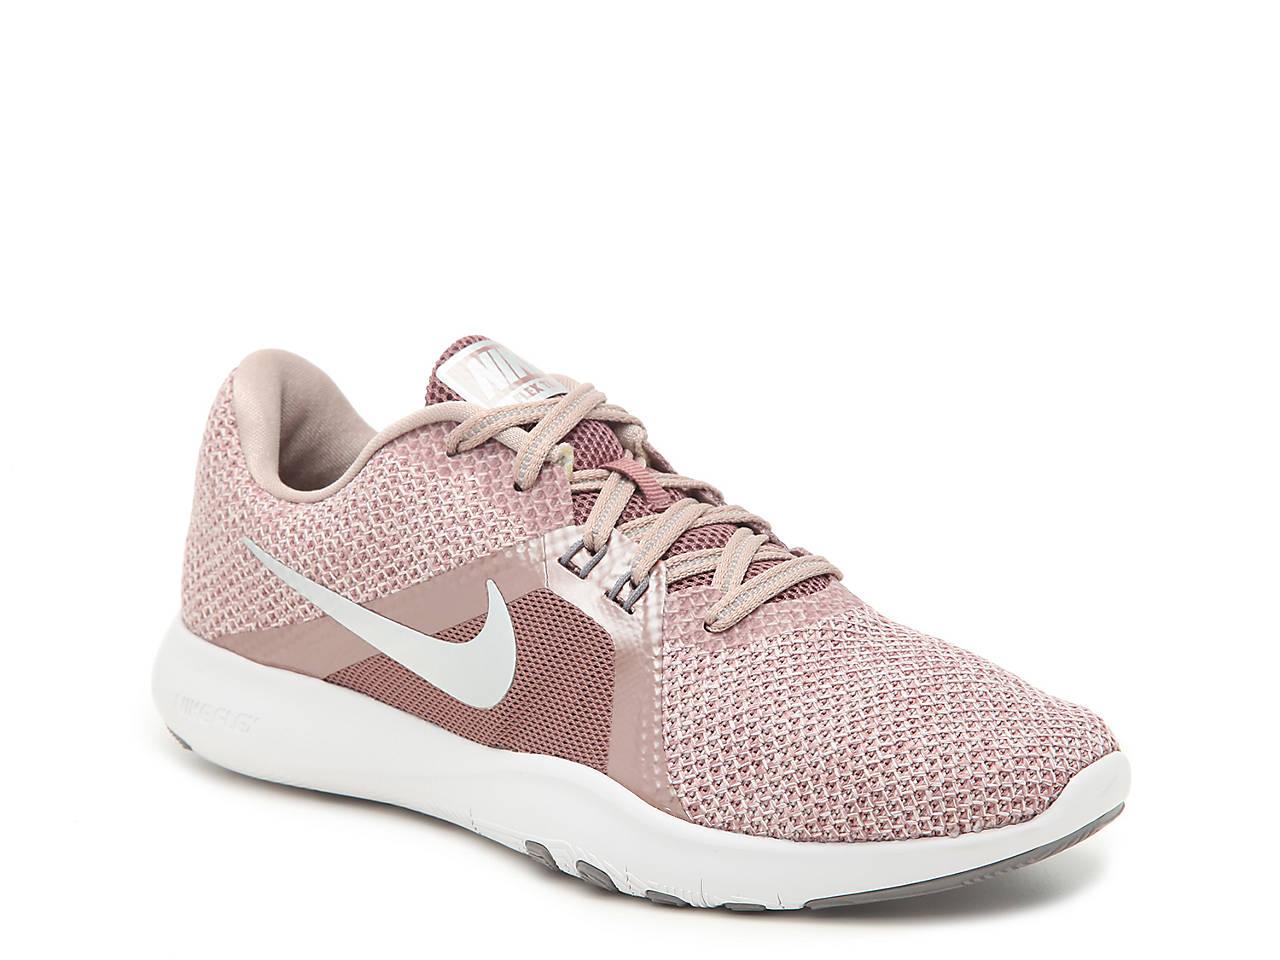 d6d44d527e7d Nike Flex TR 8 Lightweight Training Shoe - Women s Women s Shoes